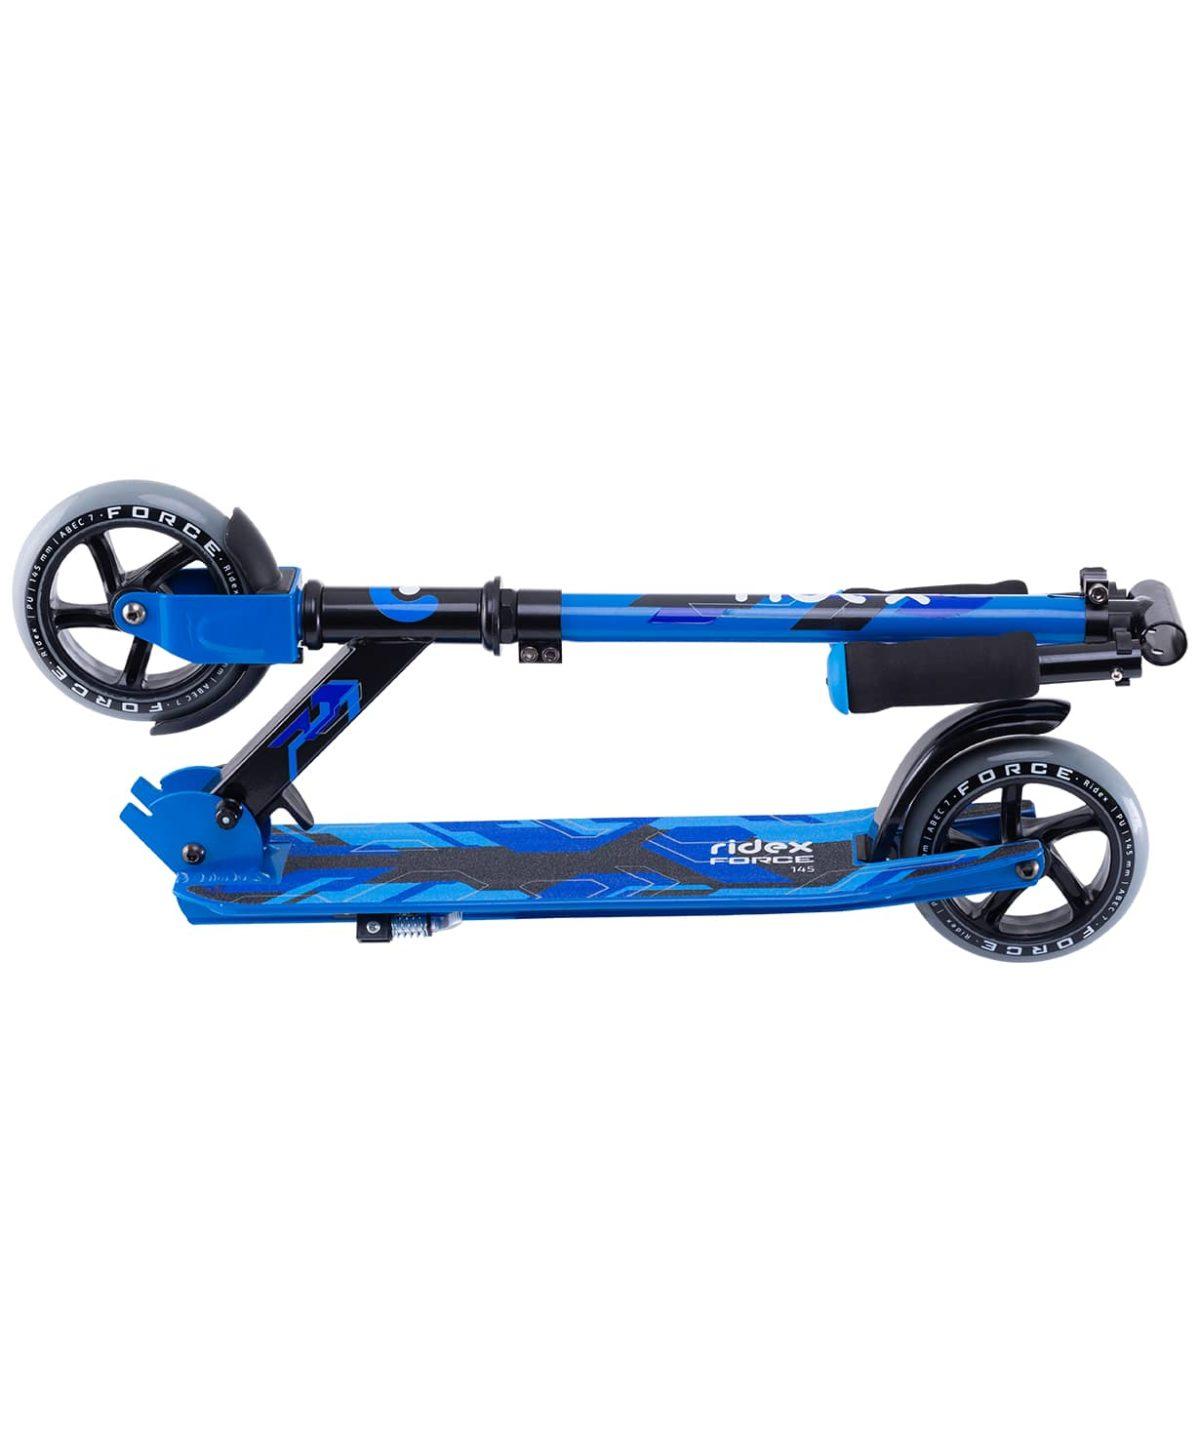 RIDEX Force Самокат 2-х колес. 145 мм  Force: синий - 6